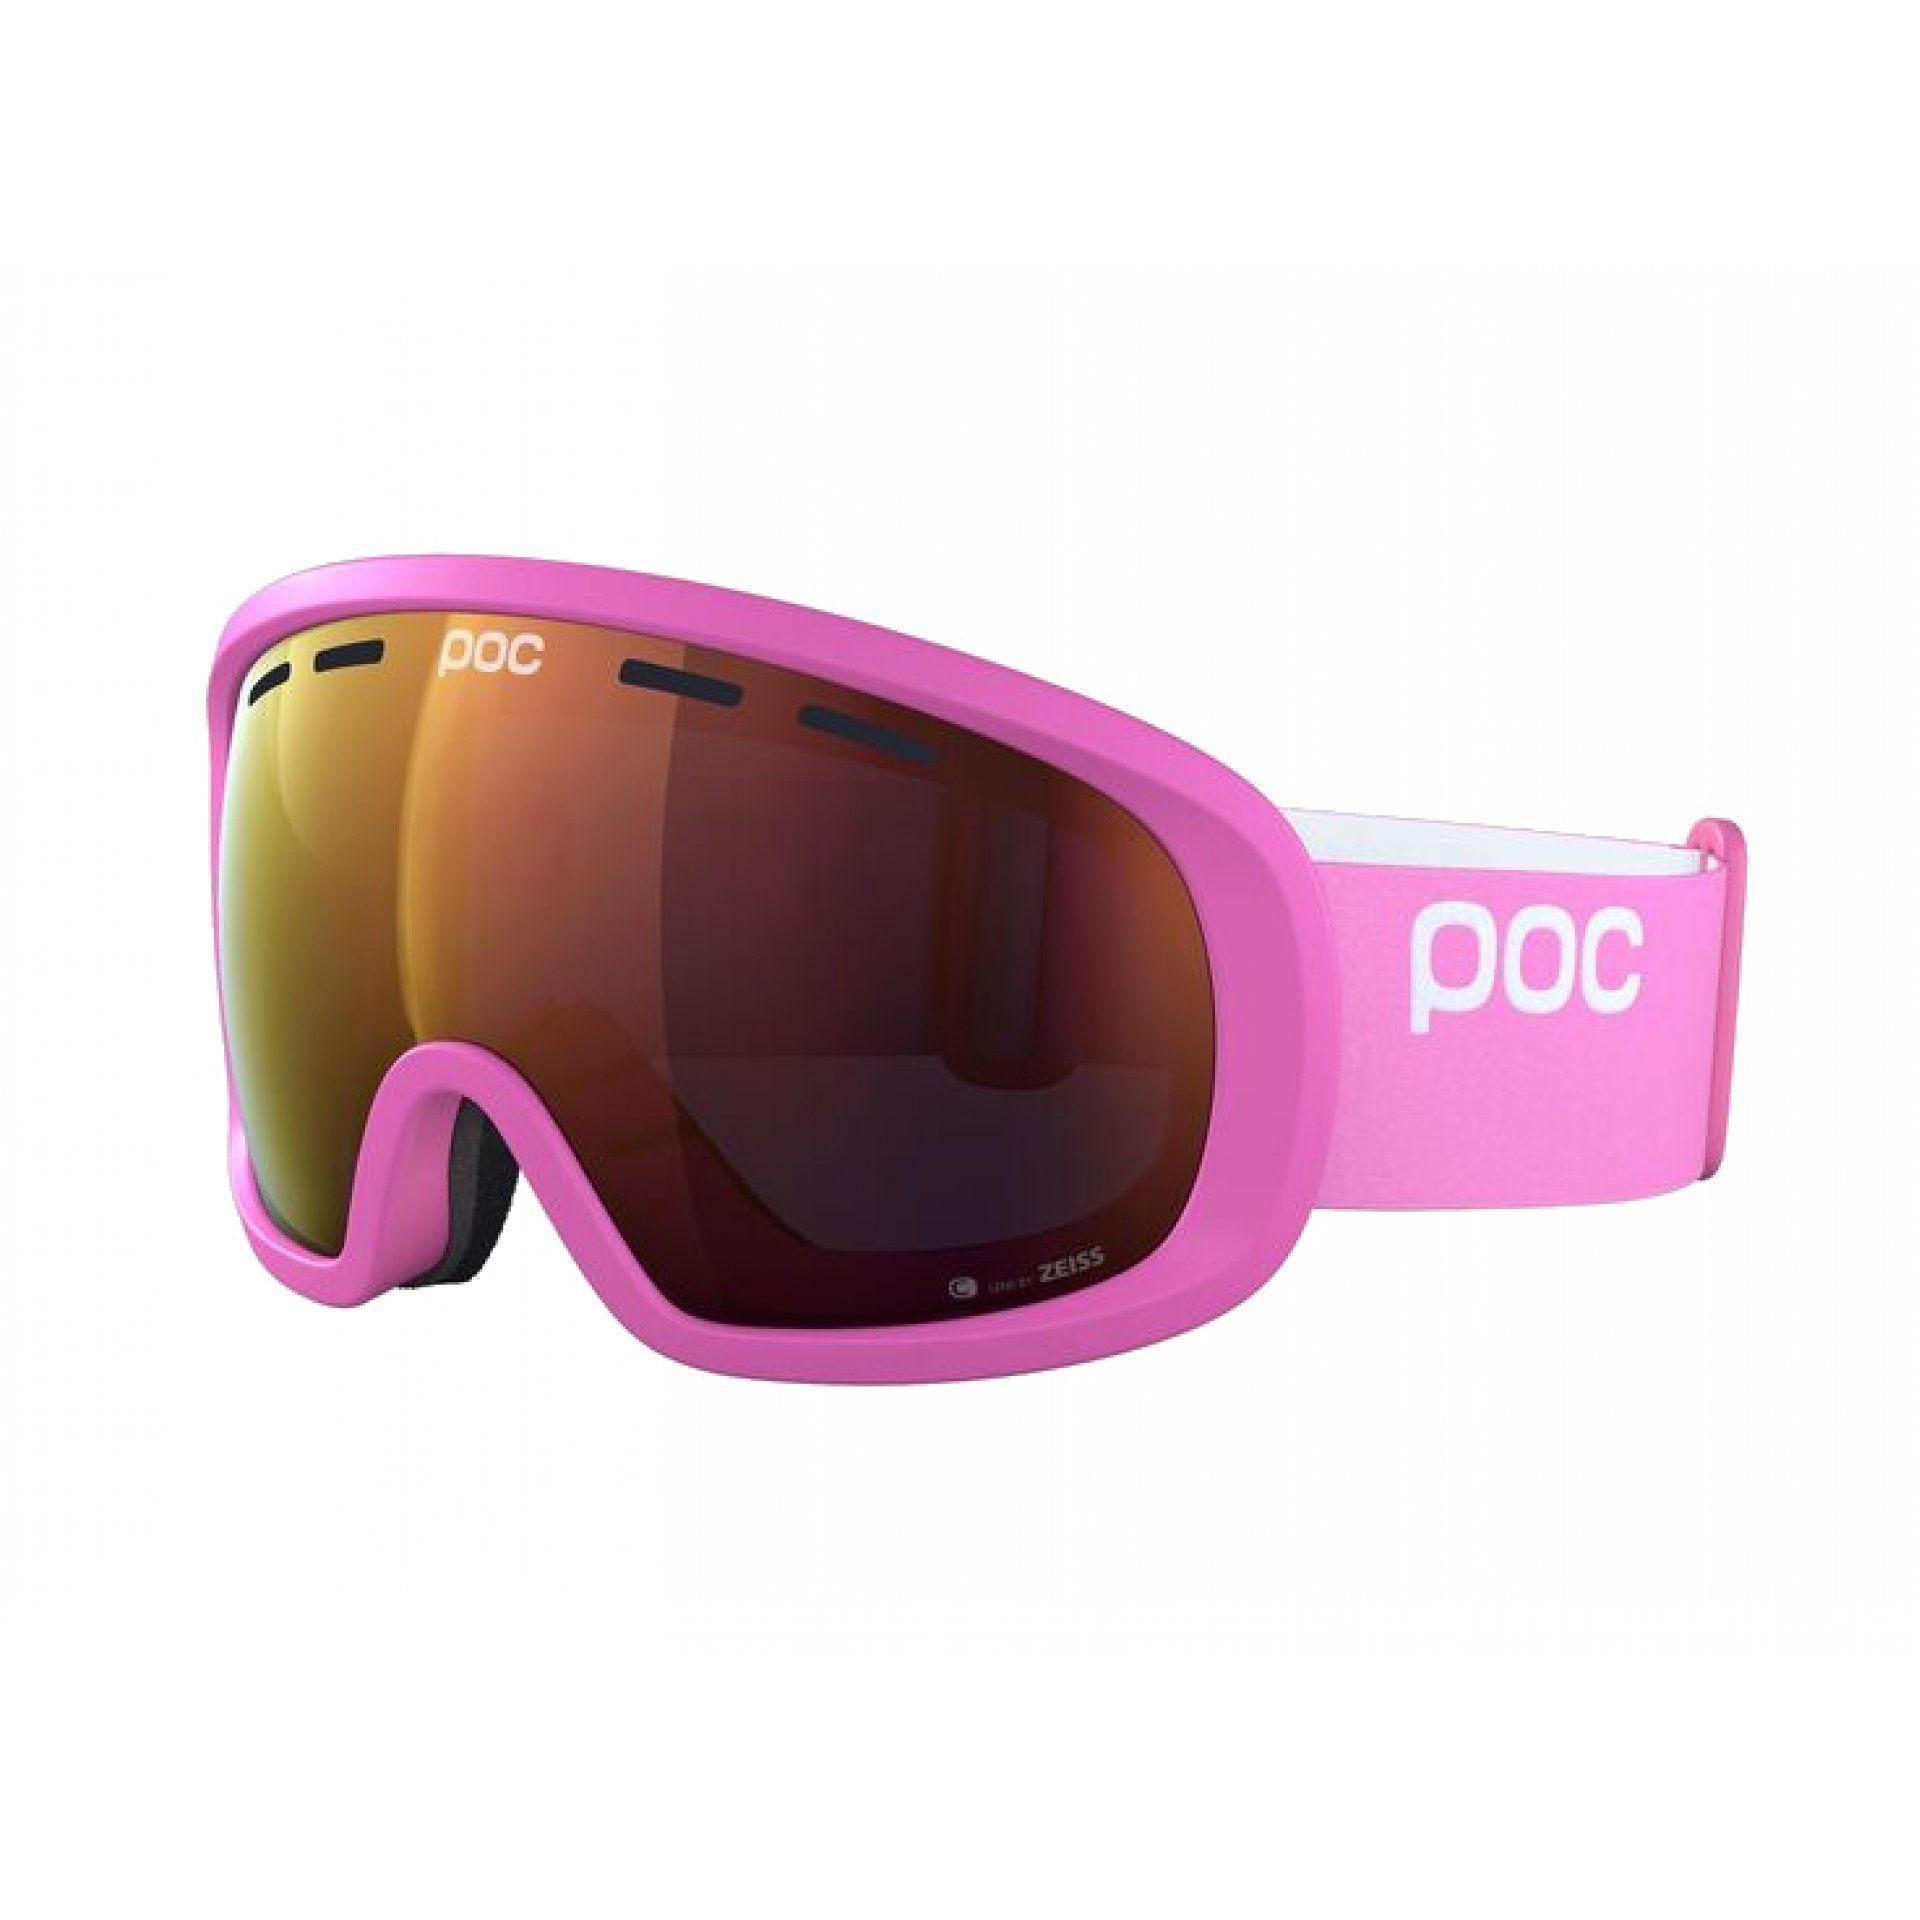 GOGLE POC #FOVEA MID CLARITYACTINIUM PINK SPEKTRIS ORANGE 40408 8267